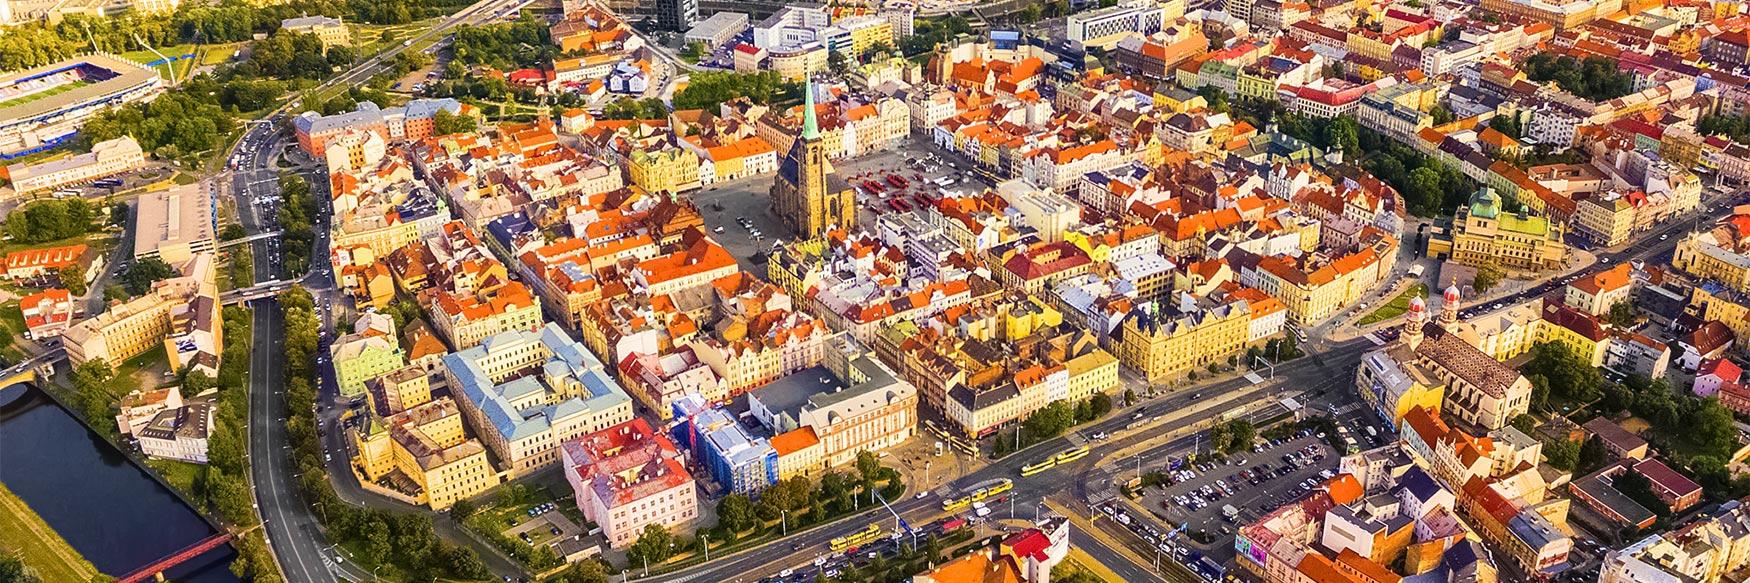 Aerial View of Pilsen (Plzeň)